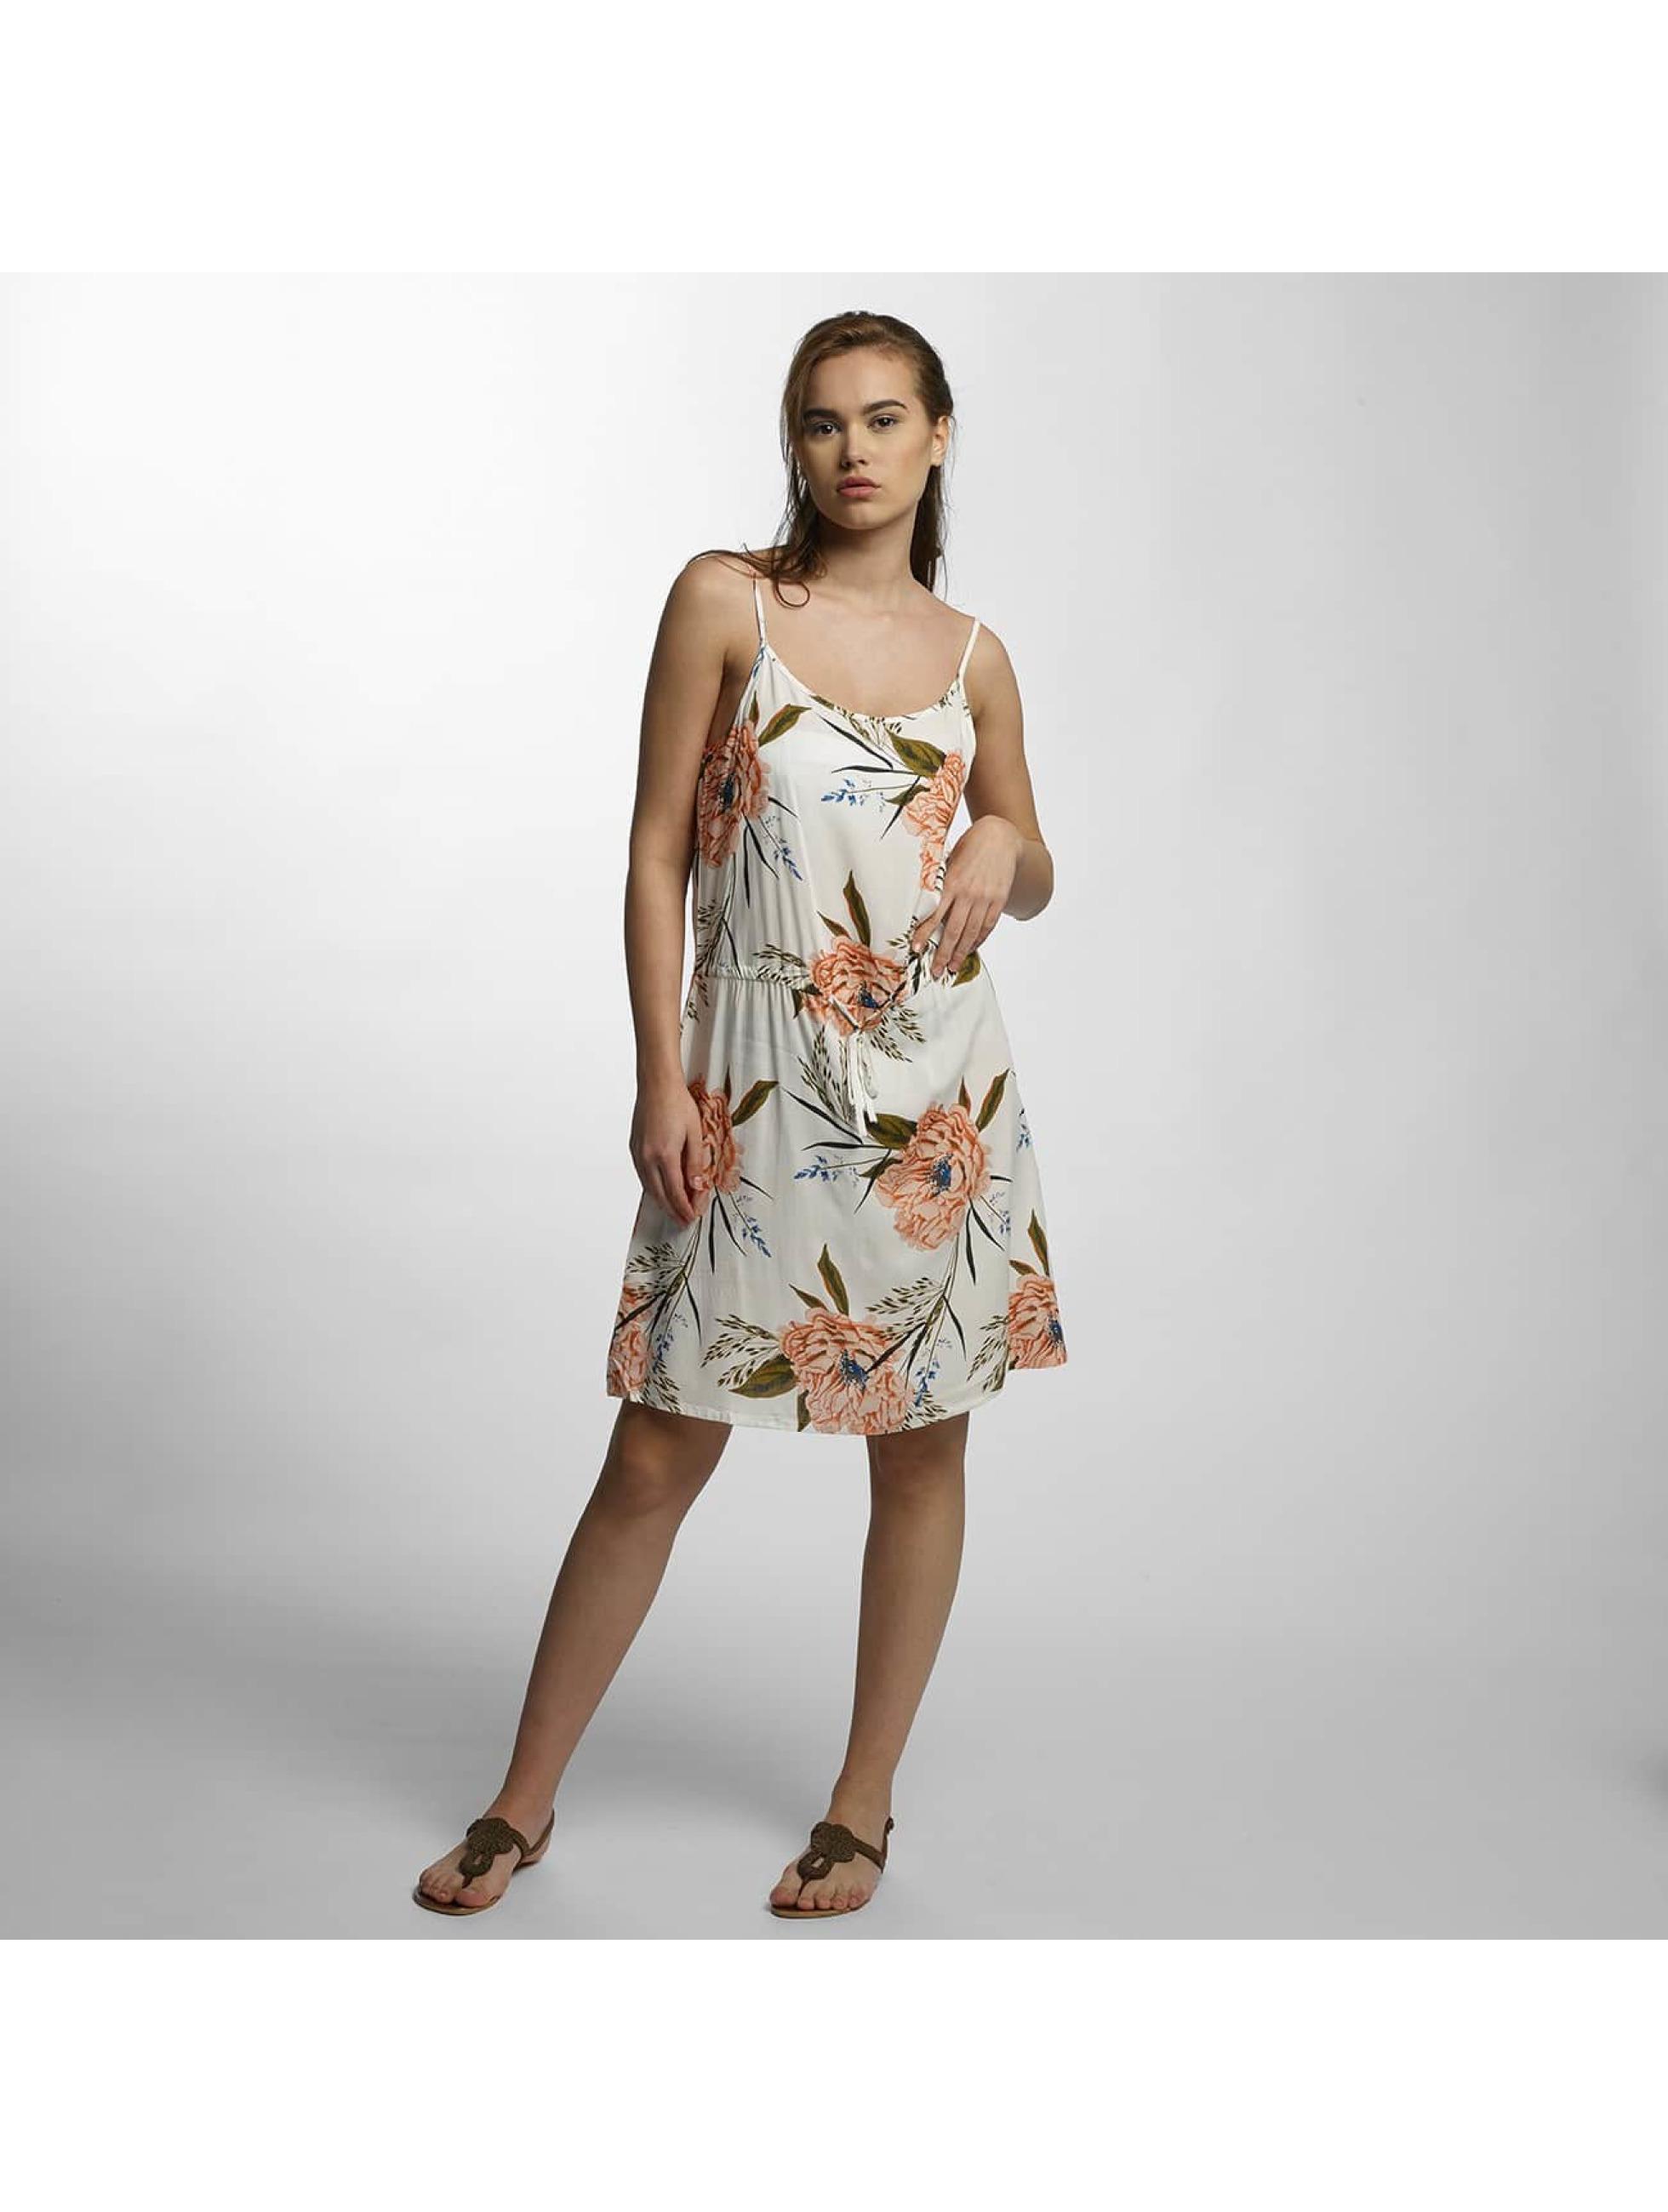 Vero Moda Frauen Kleid vmNow in beige